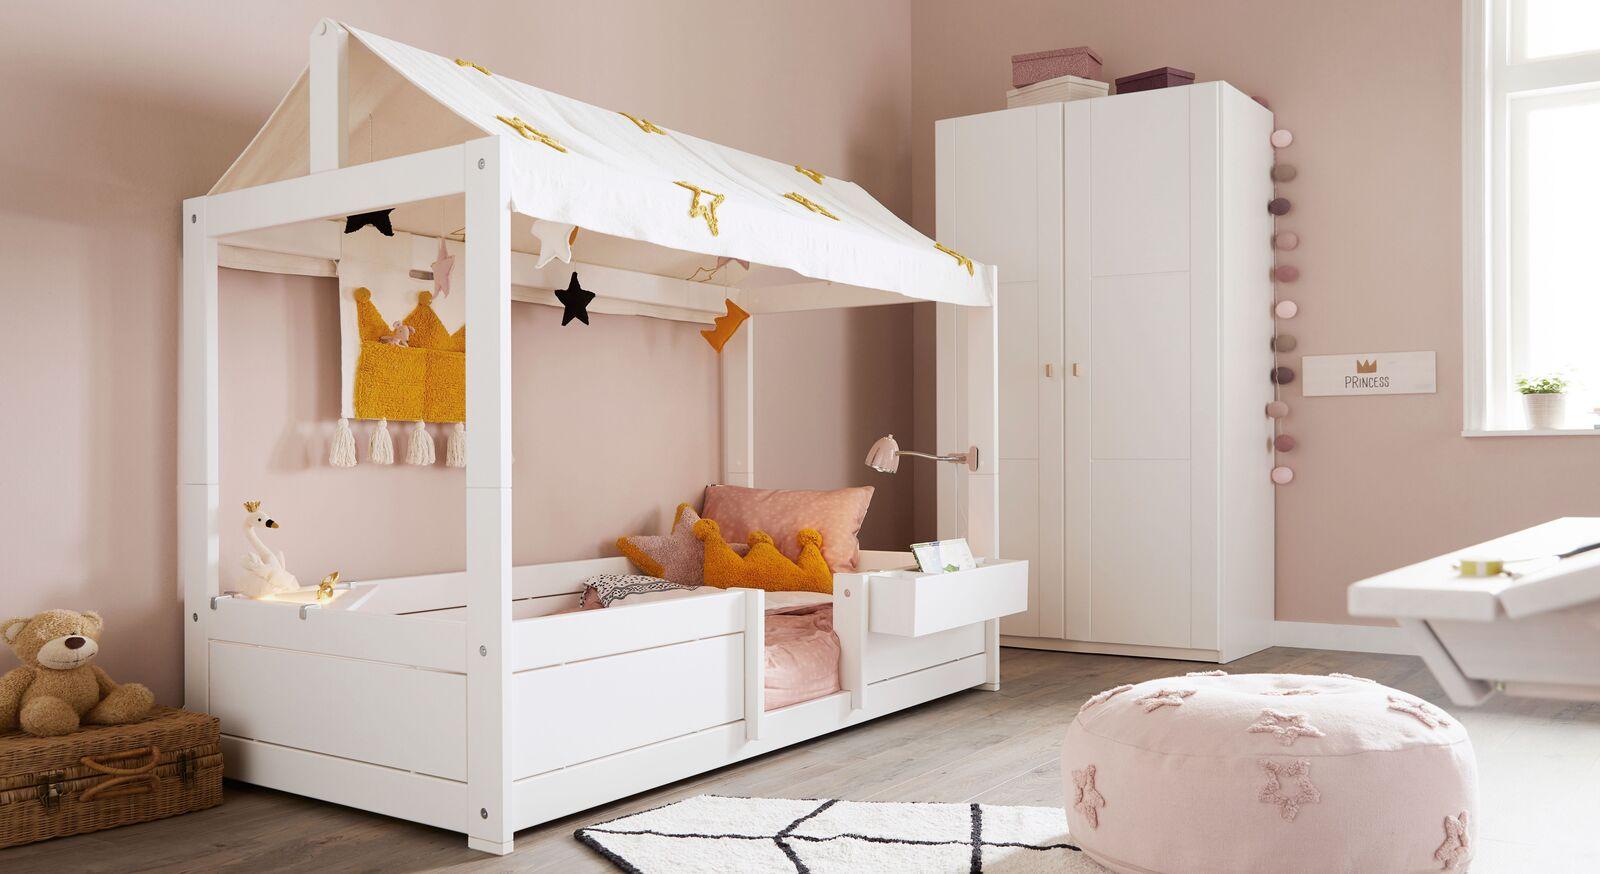 Weiß lackiertes LIFETIME Kinderbett Princess Stars für moderne Mädchenzimmer